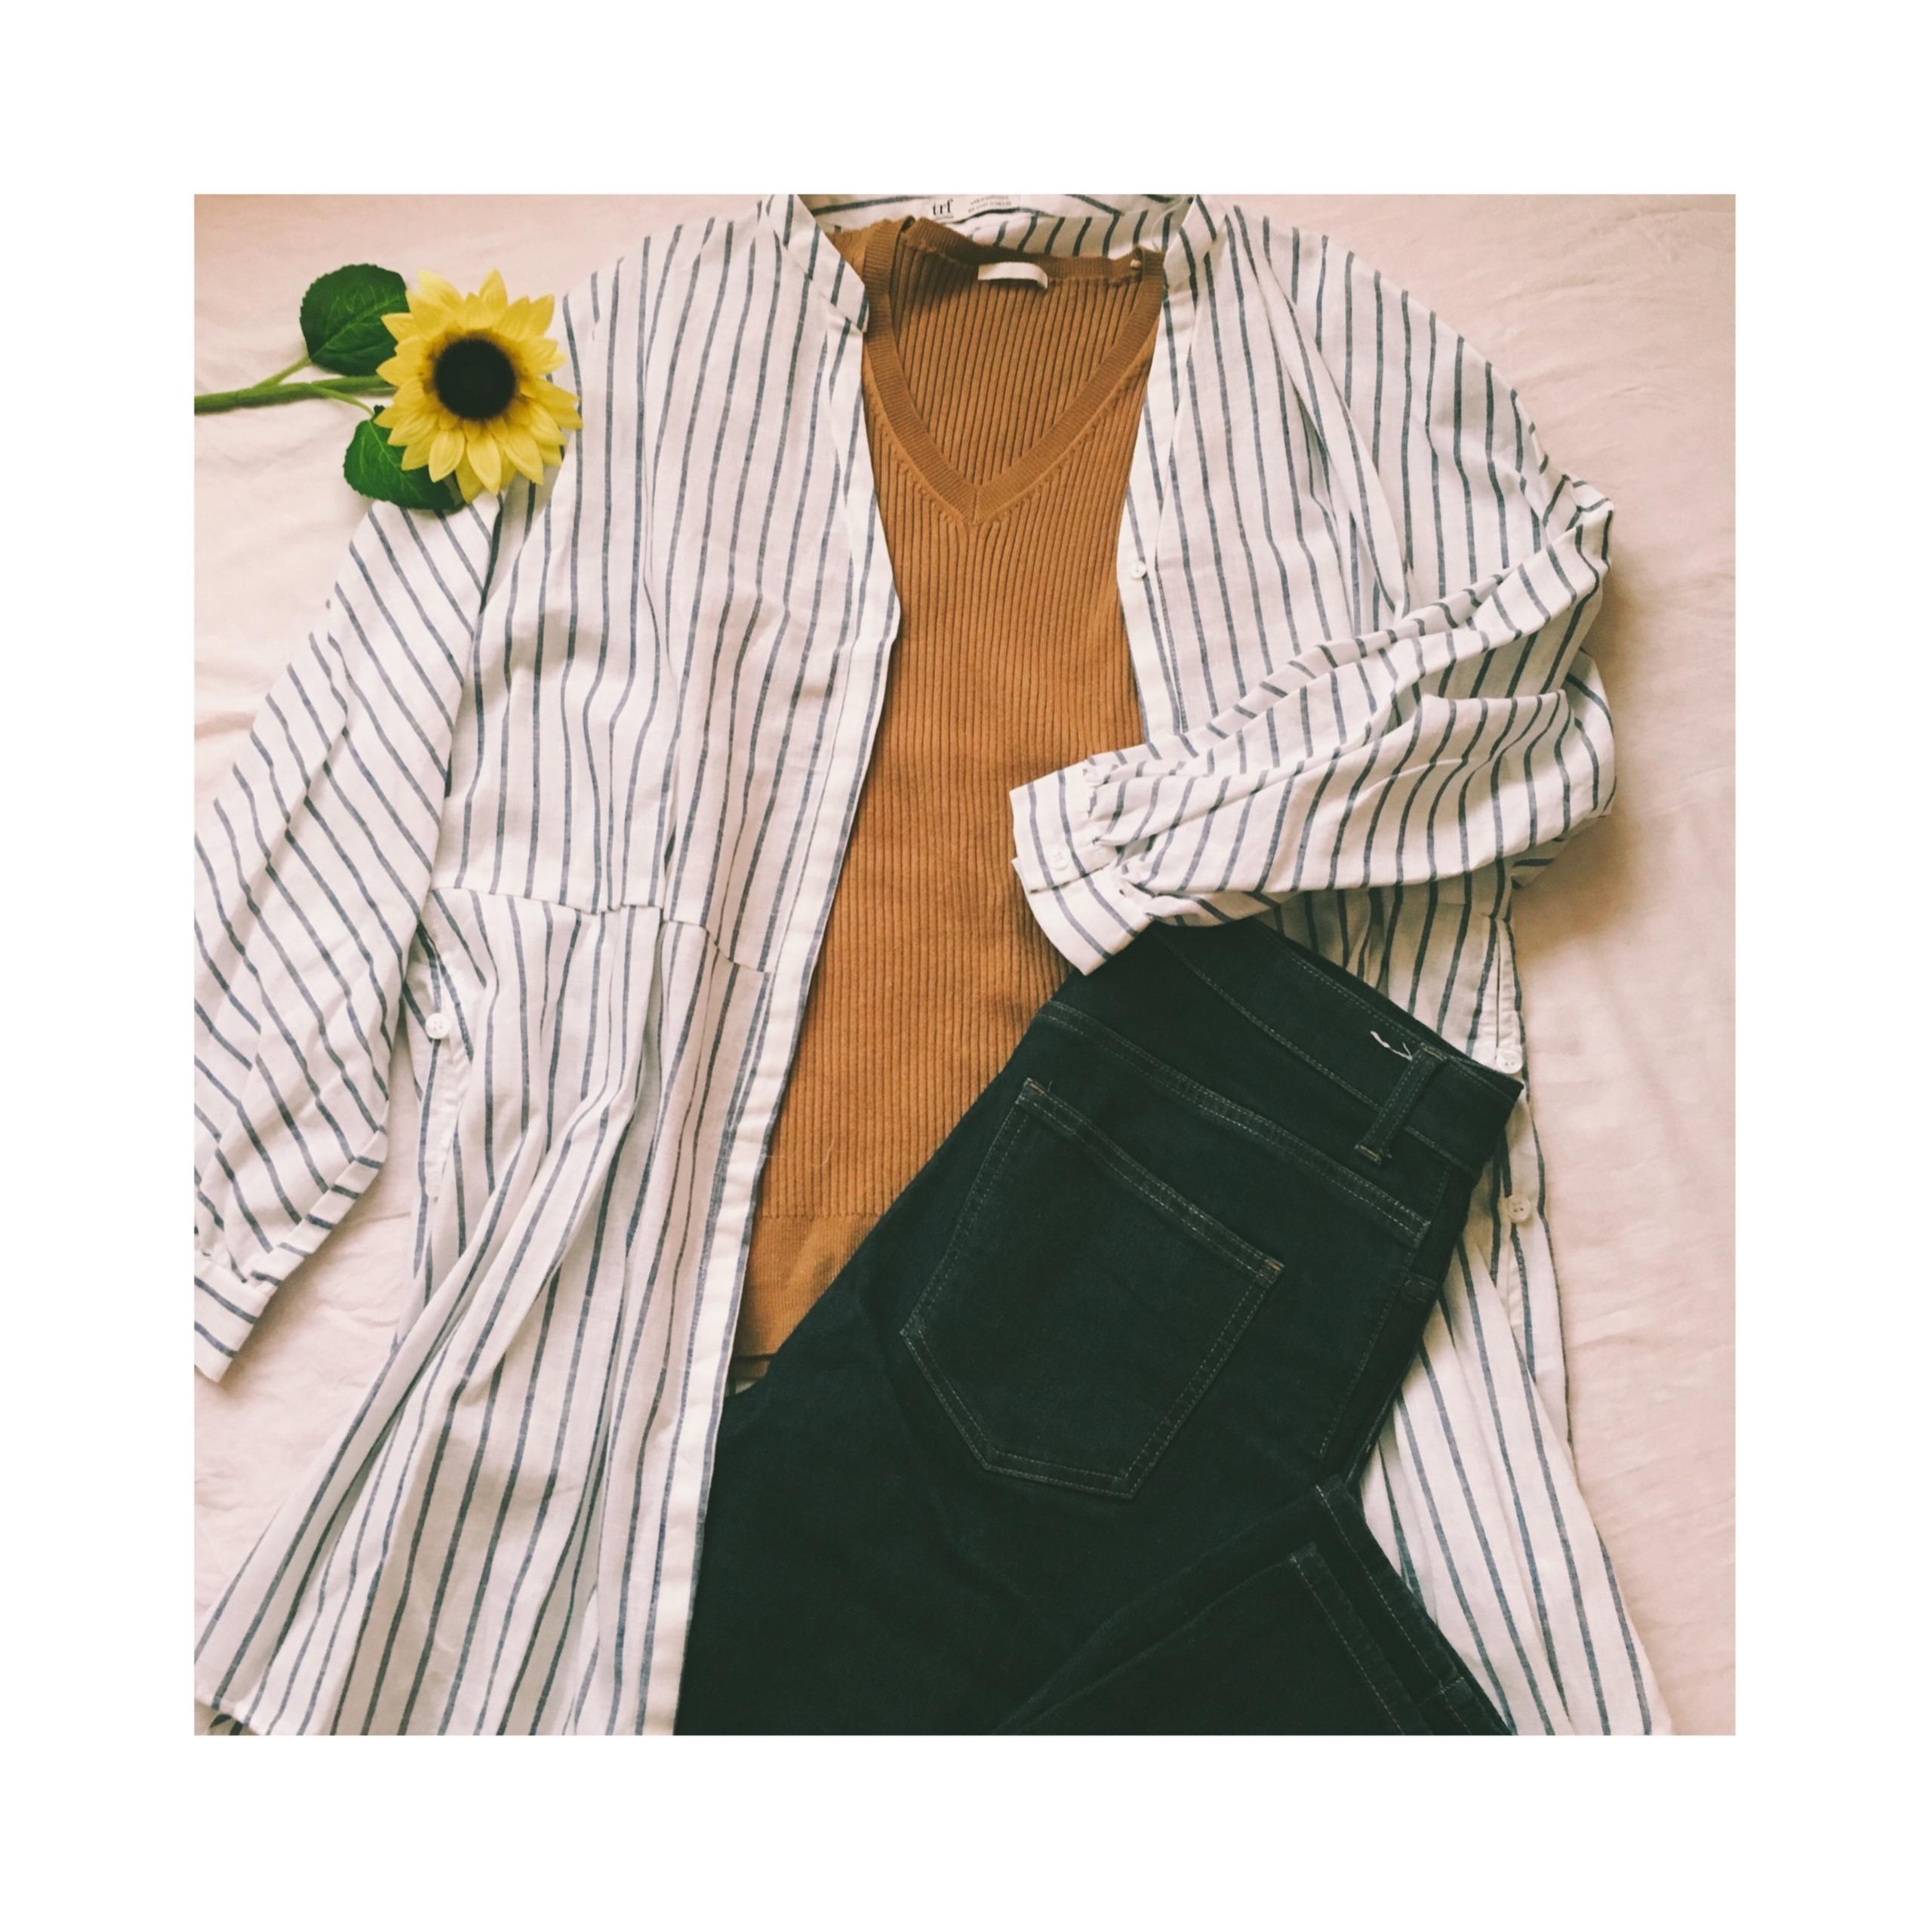 この夏トレンドの《レイヤードコーデ》もプチプラで★【ZARA】のセールでシャツガウン¥2,990をゲット❤️_1